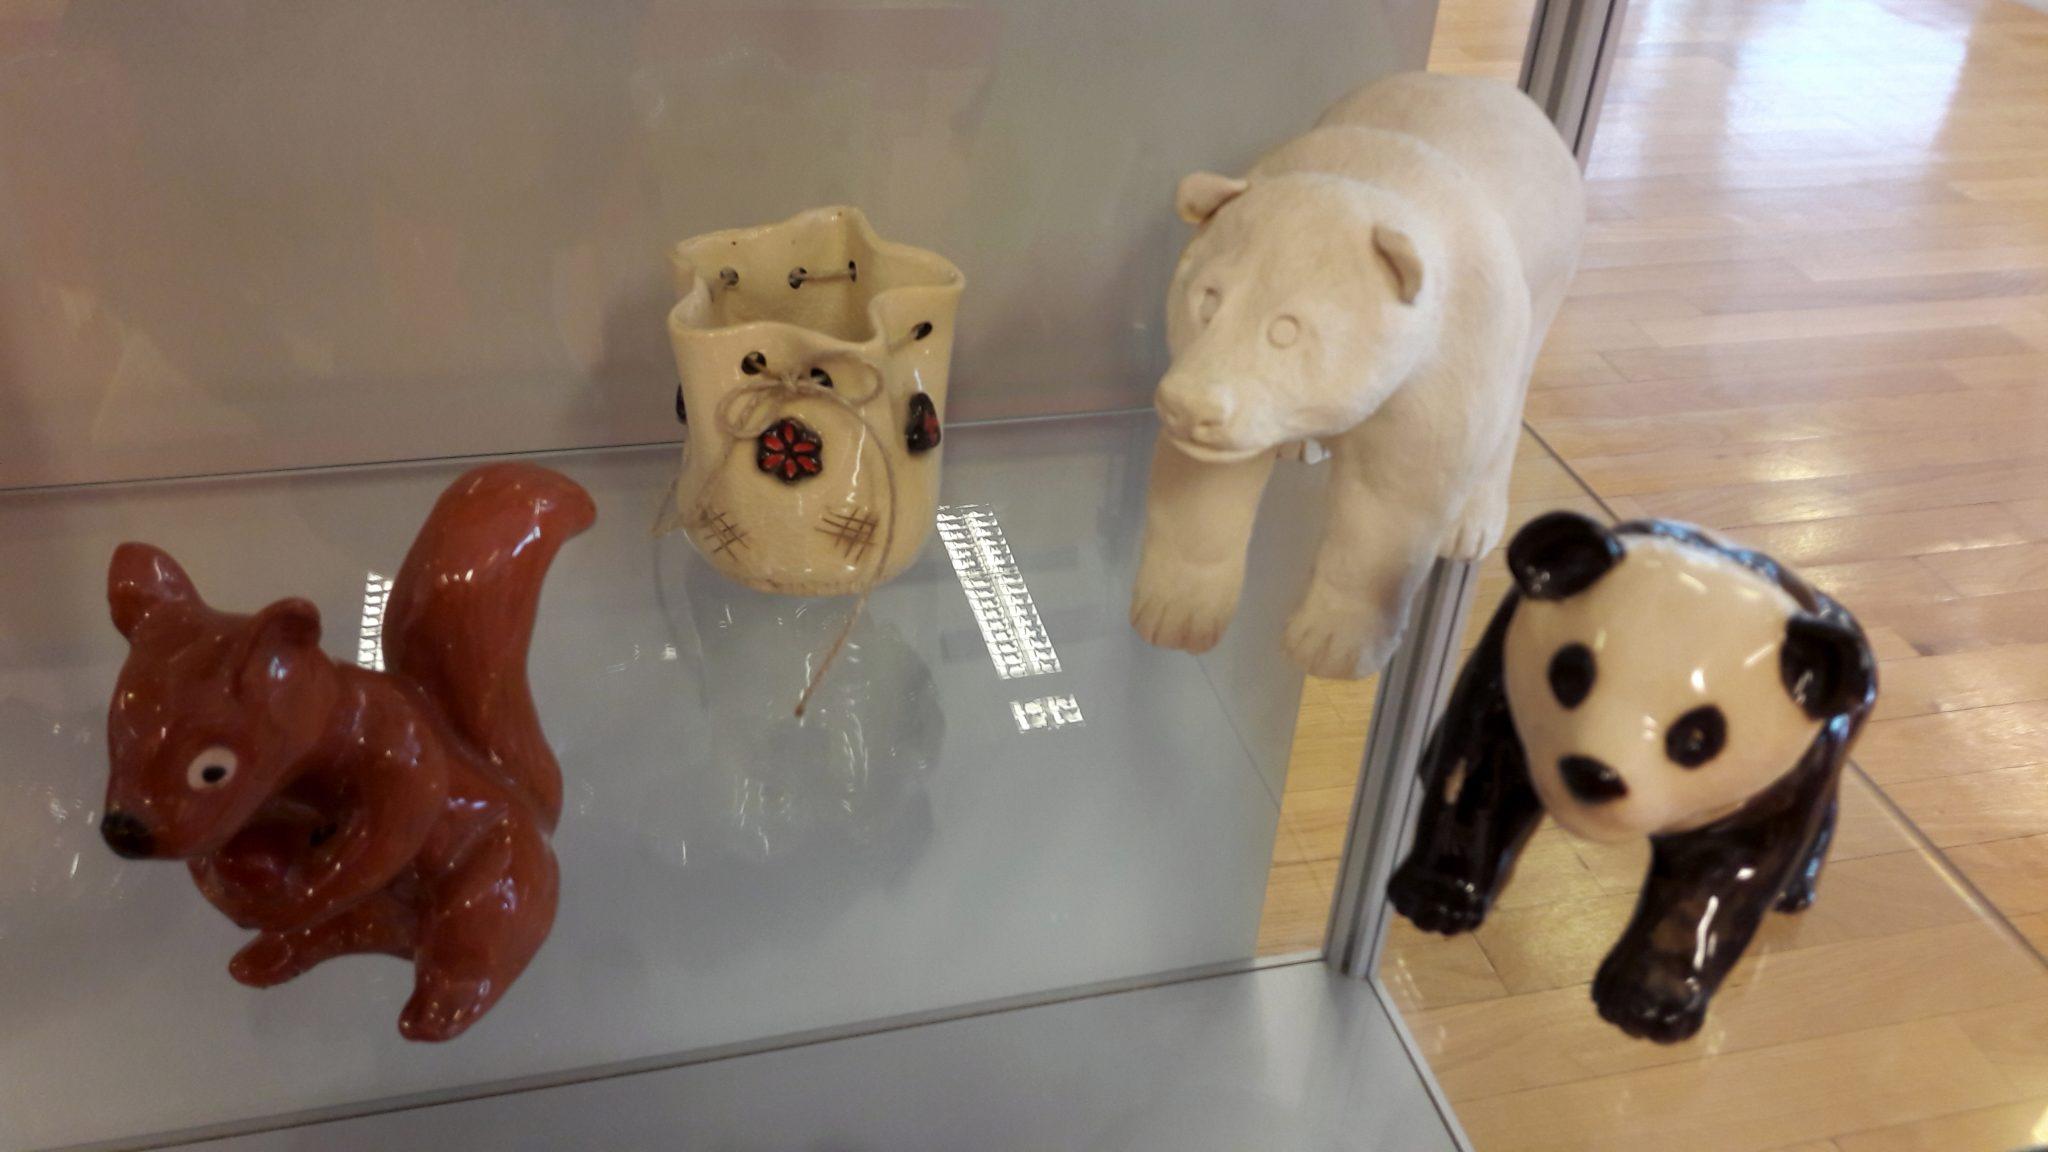 20170510 133937 - KD Rak Rakek - razstava izdelkov iz keramike